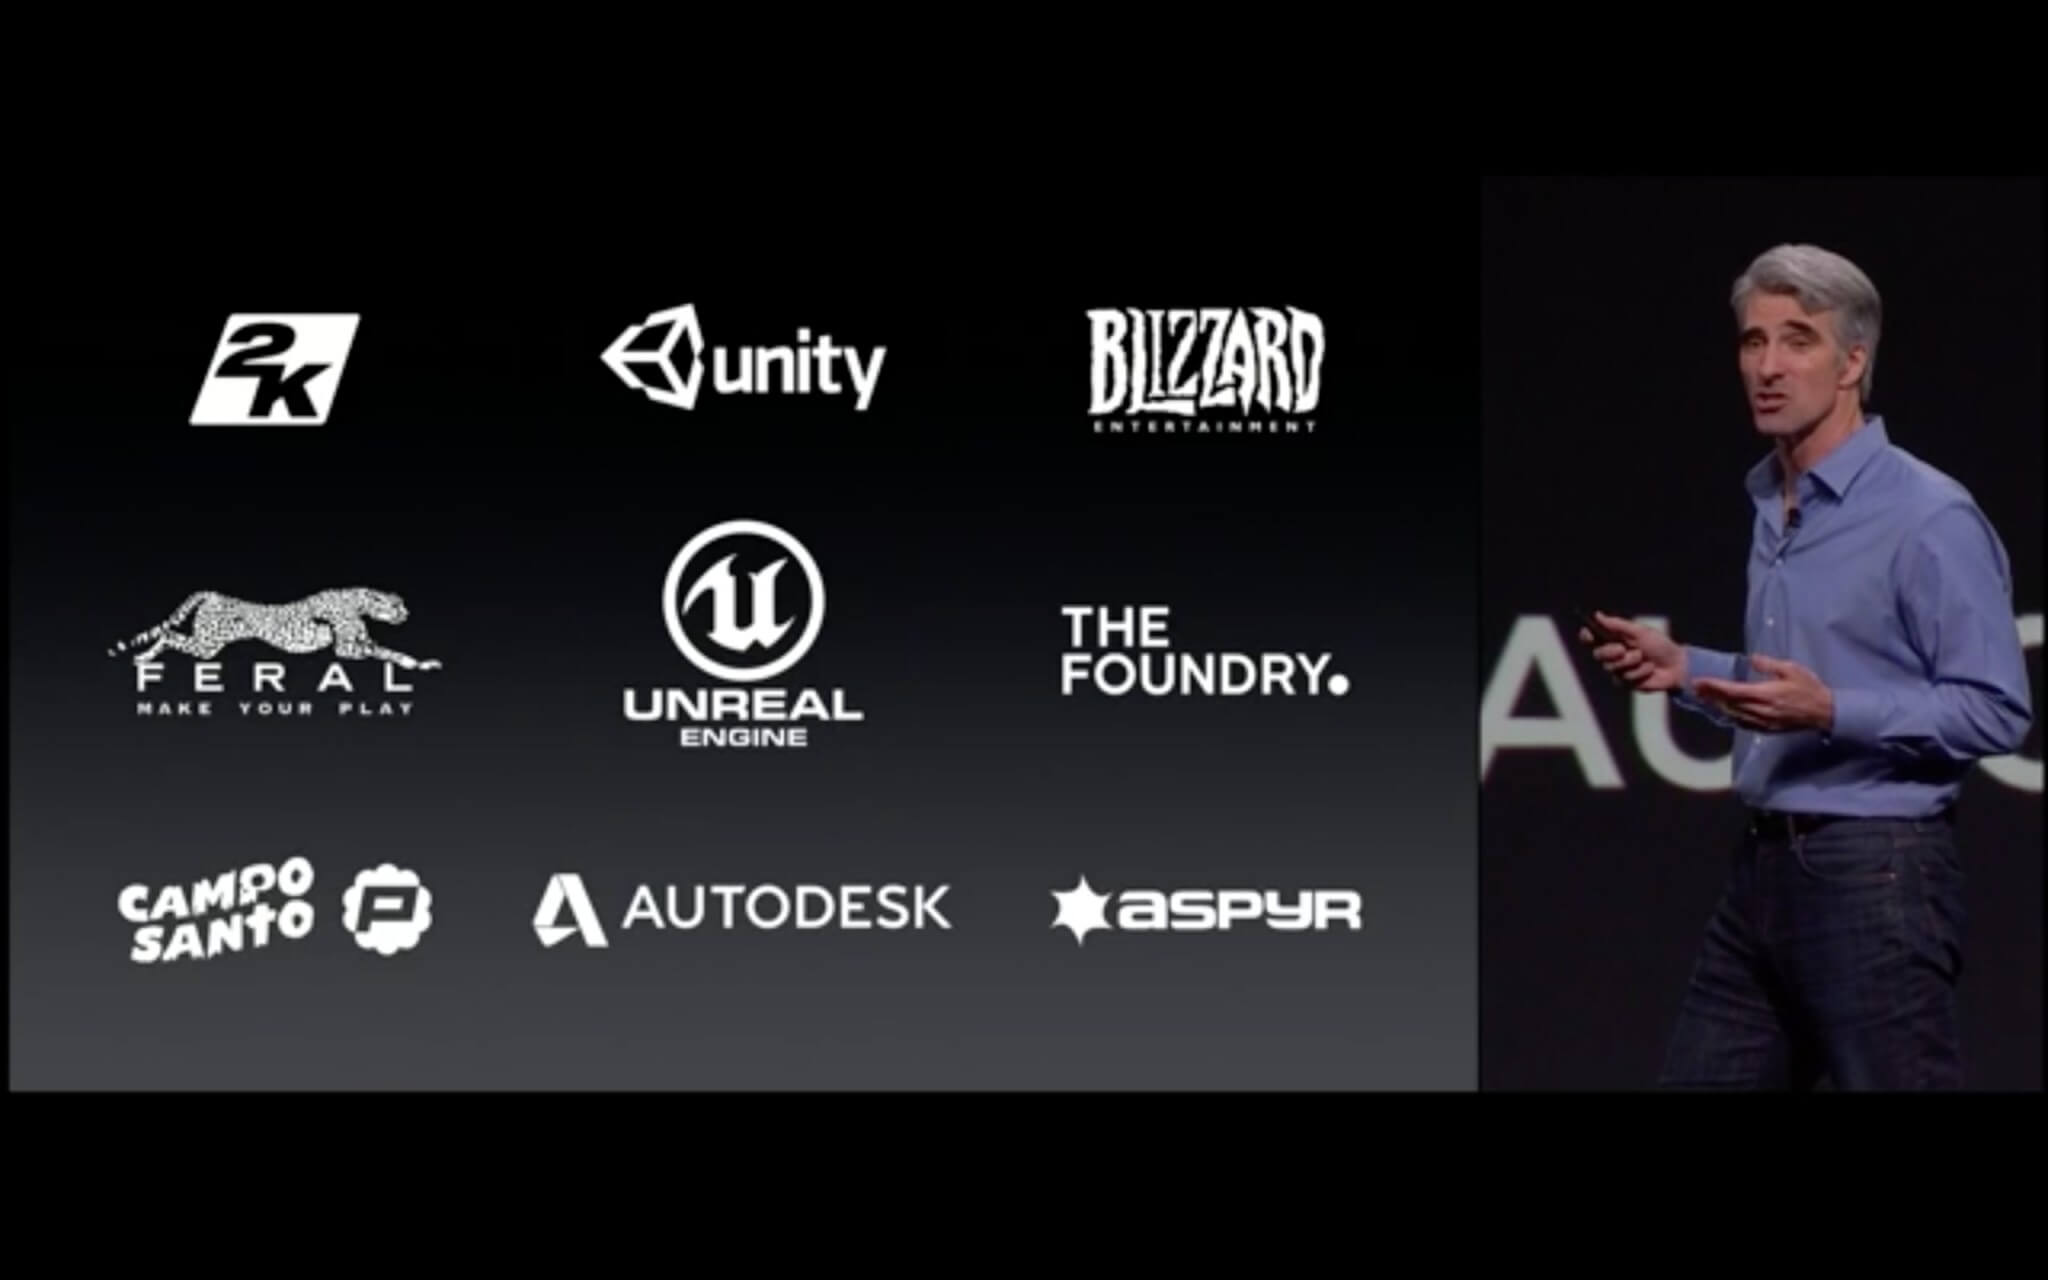 Viele Software- und Spieleentwickler wollen Metal unterstützen (Bildrechte: Apple)